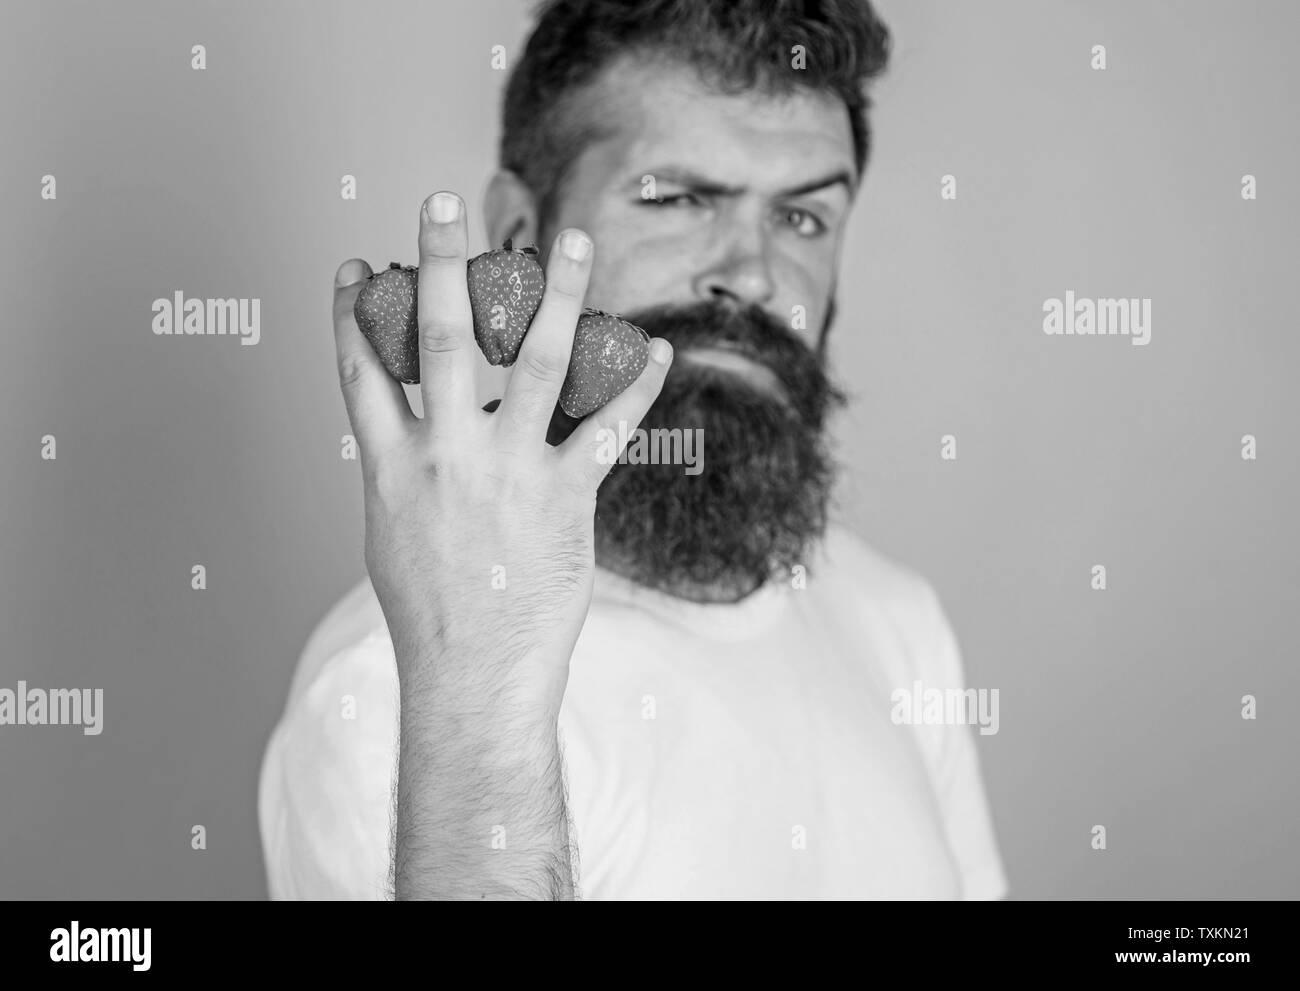 El hombre barba hipster fresas entre los dedos de fondo azul. Contenido de carbohidratos fresa. La mayoría de los carbohidratos la glucosa fructosa sacarosa. Fresas fruta más segura para los niveles de azúcar. Imagen De Stock